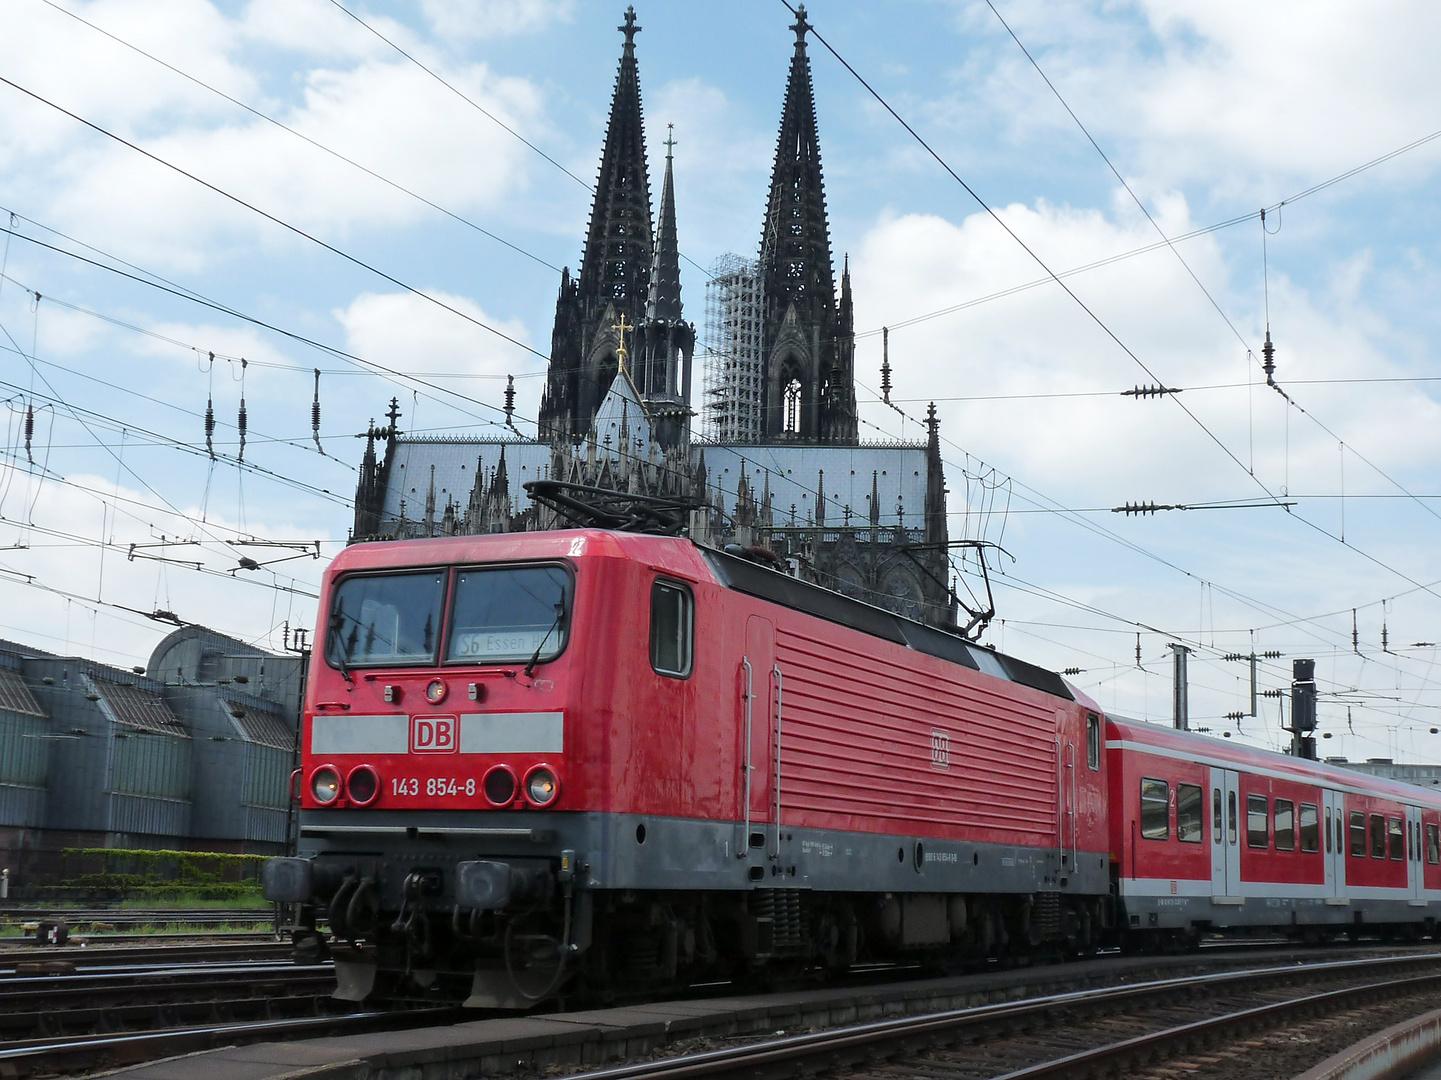 BR 143 854-8 am Kölner HBF